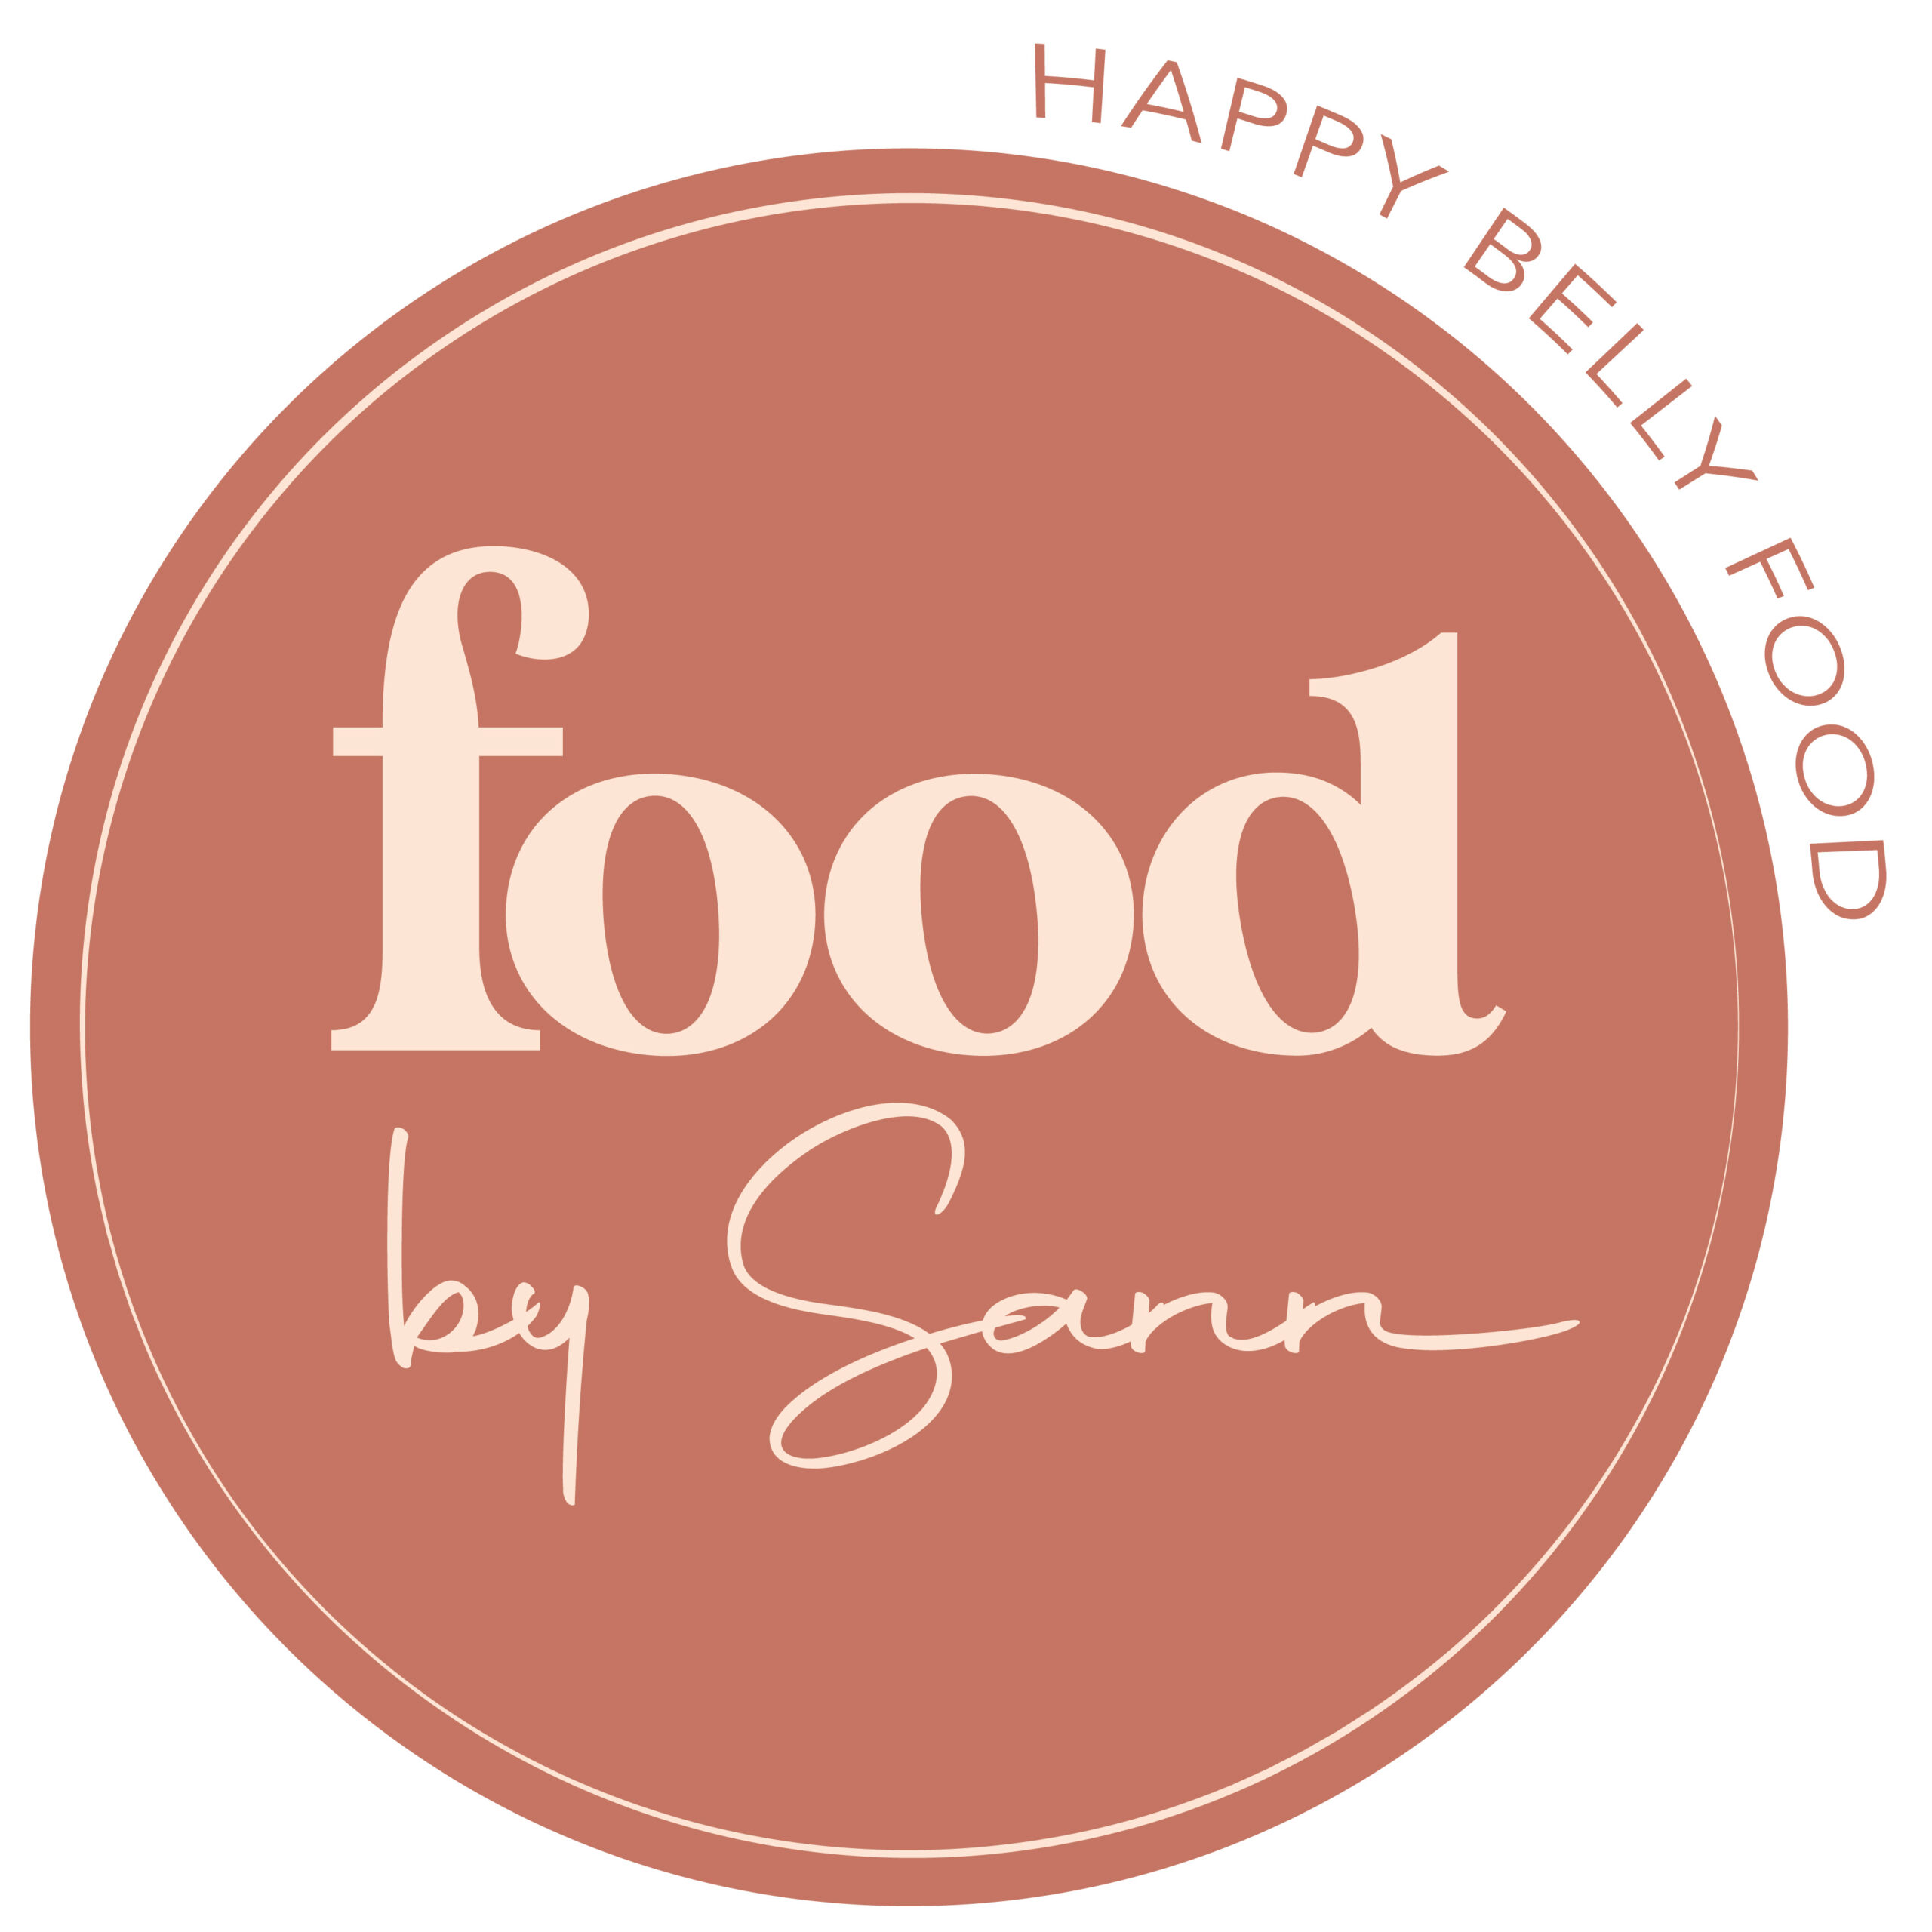 Foodbysann